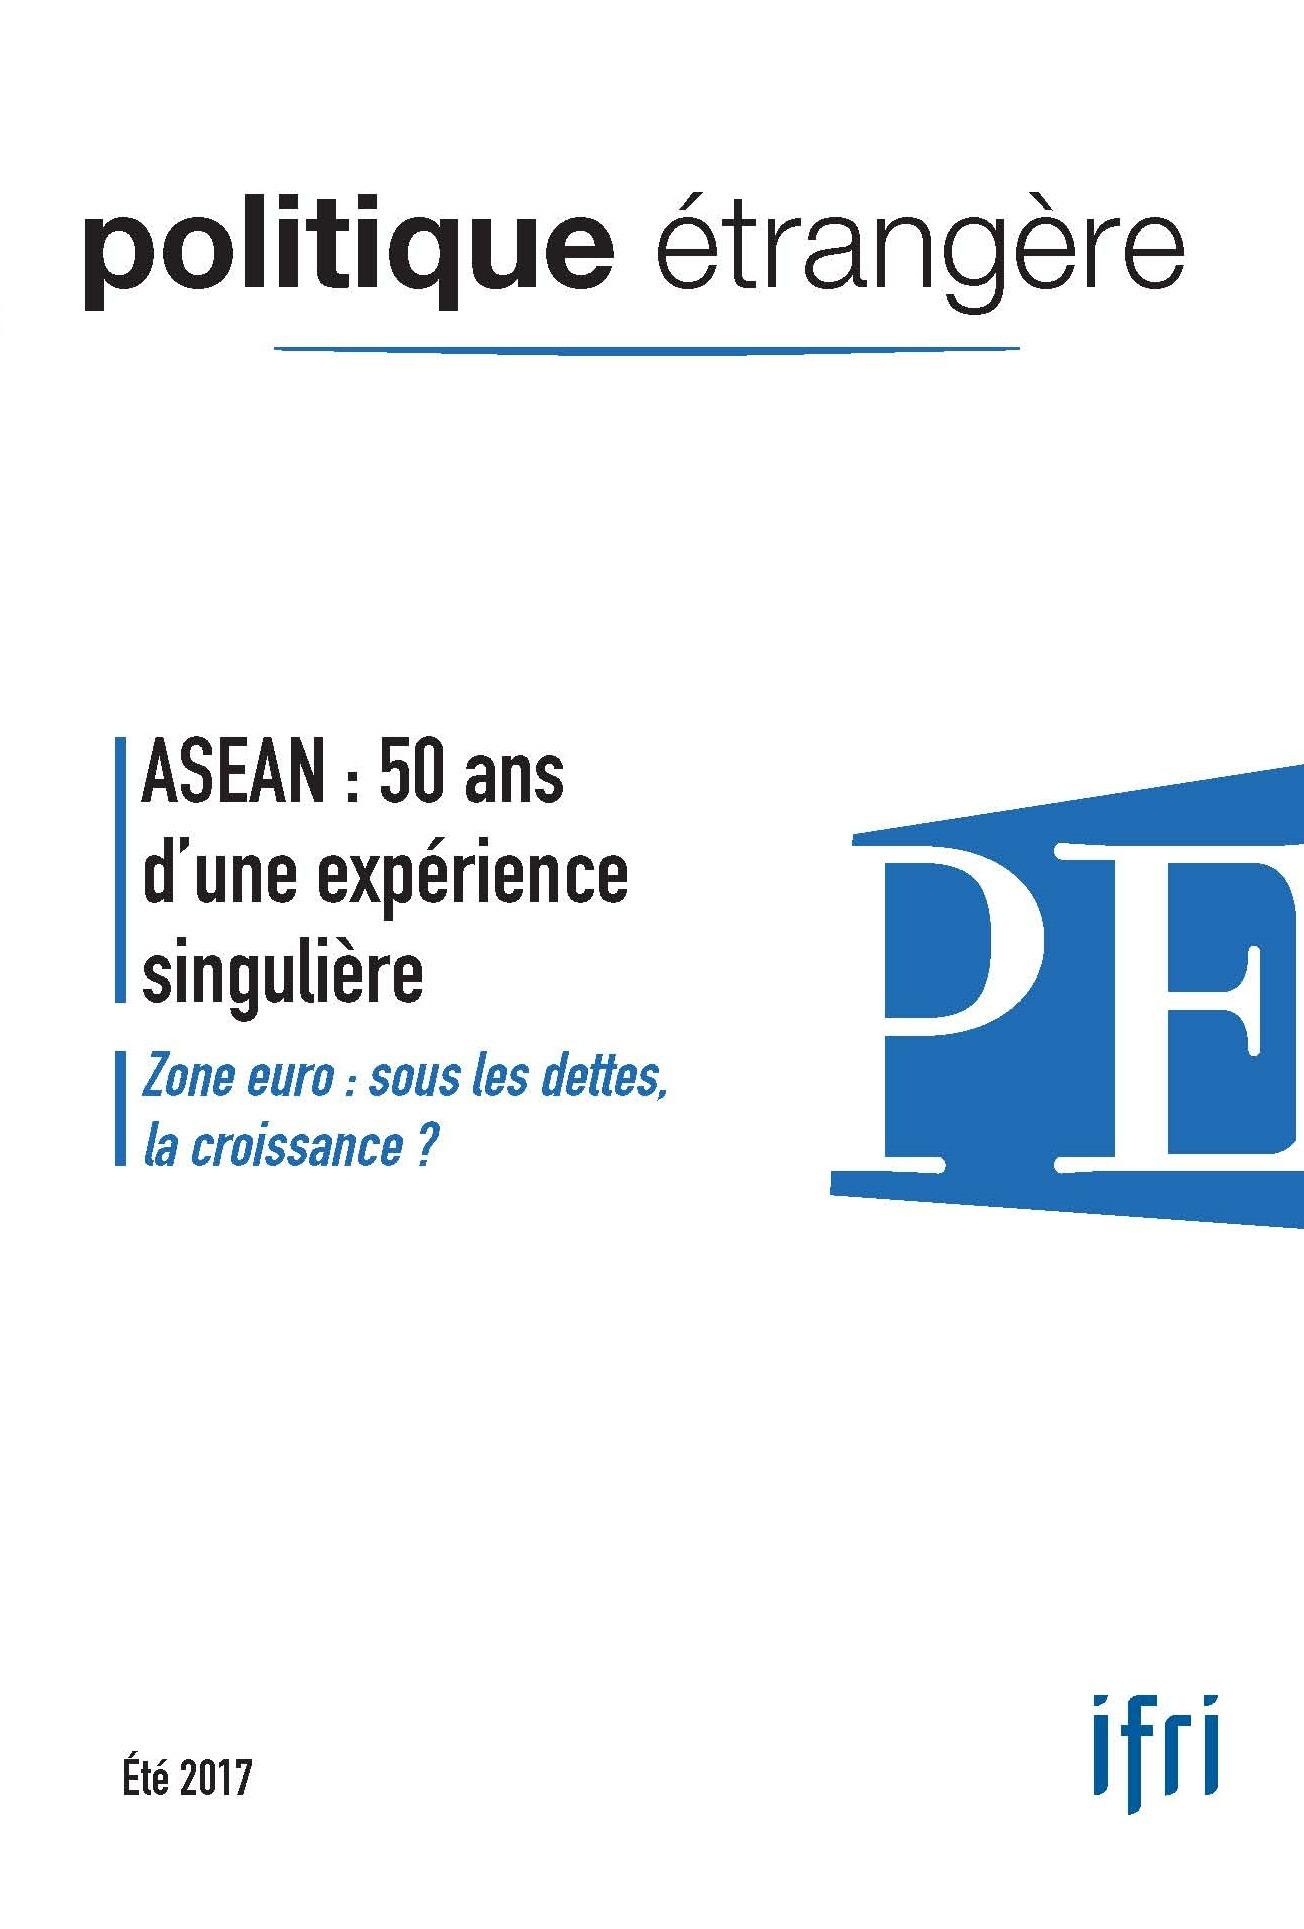 Politique etrangere n 2/2017 asean : 50 d'experience singuliere ete 2017